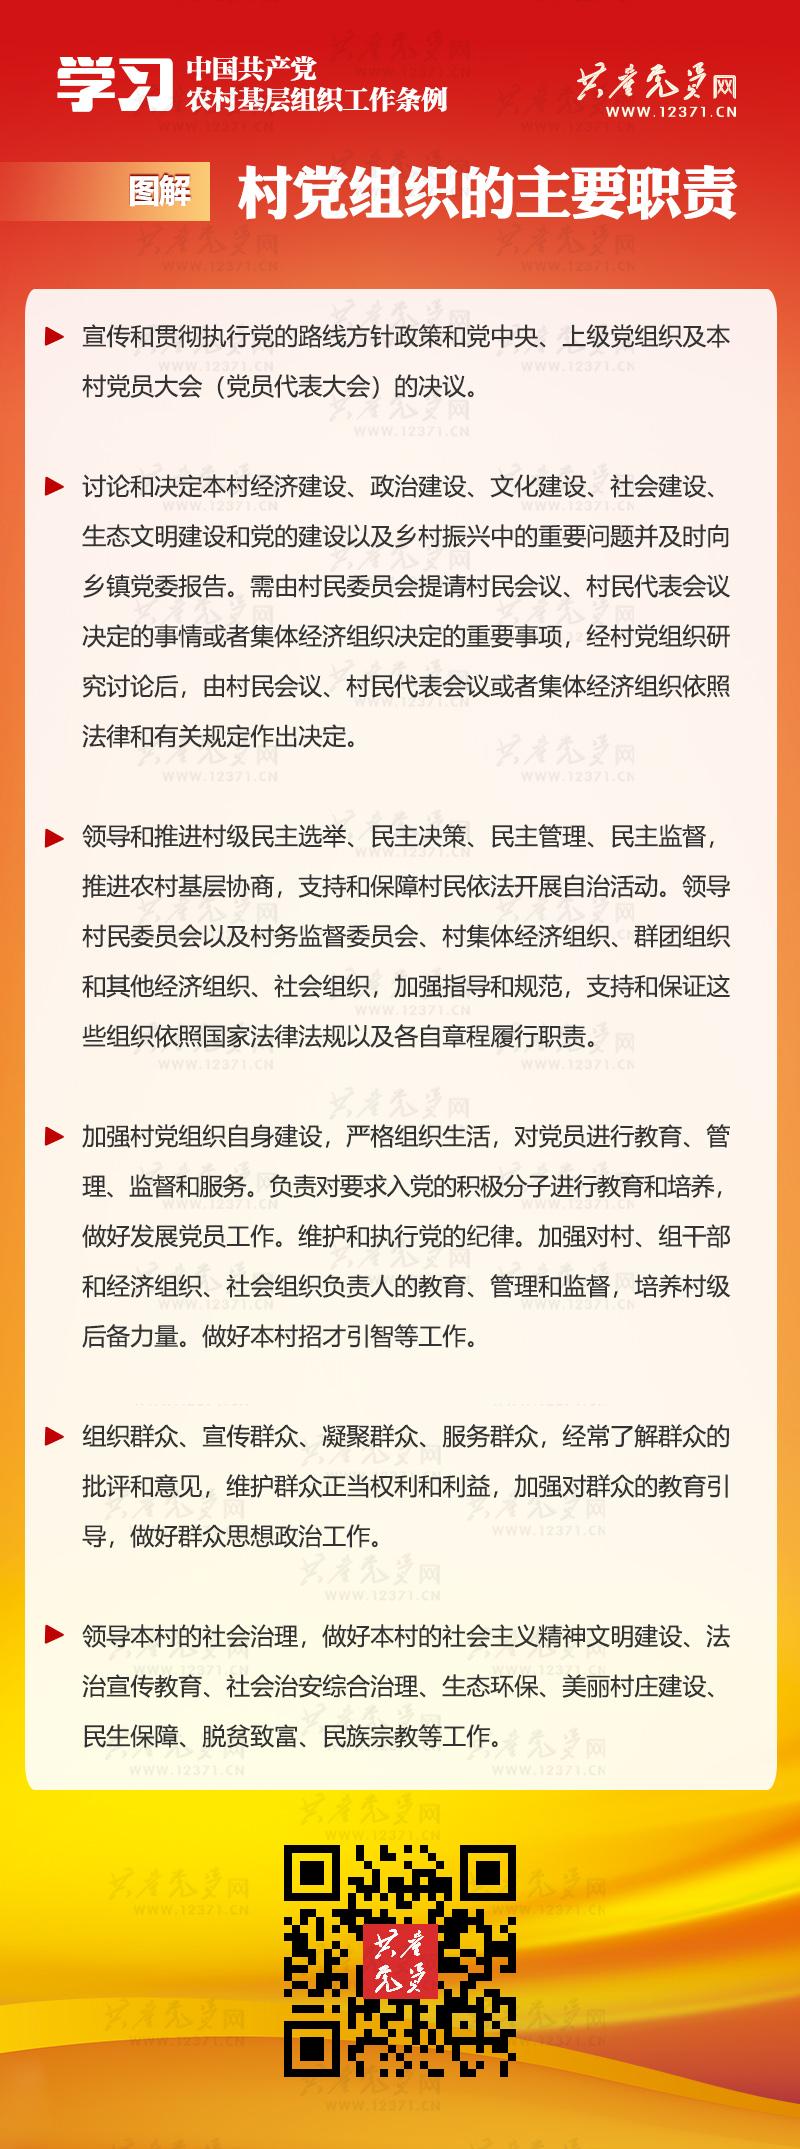 图解《中国共产党农村基层组织工作条例》④ 村党组织的主要职责